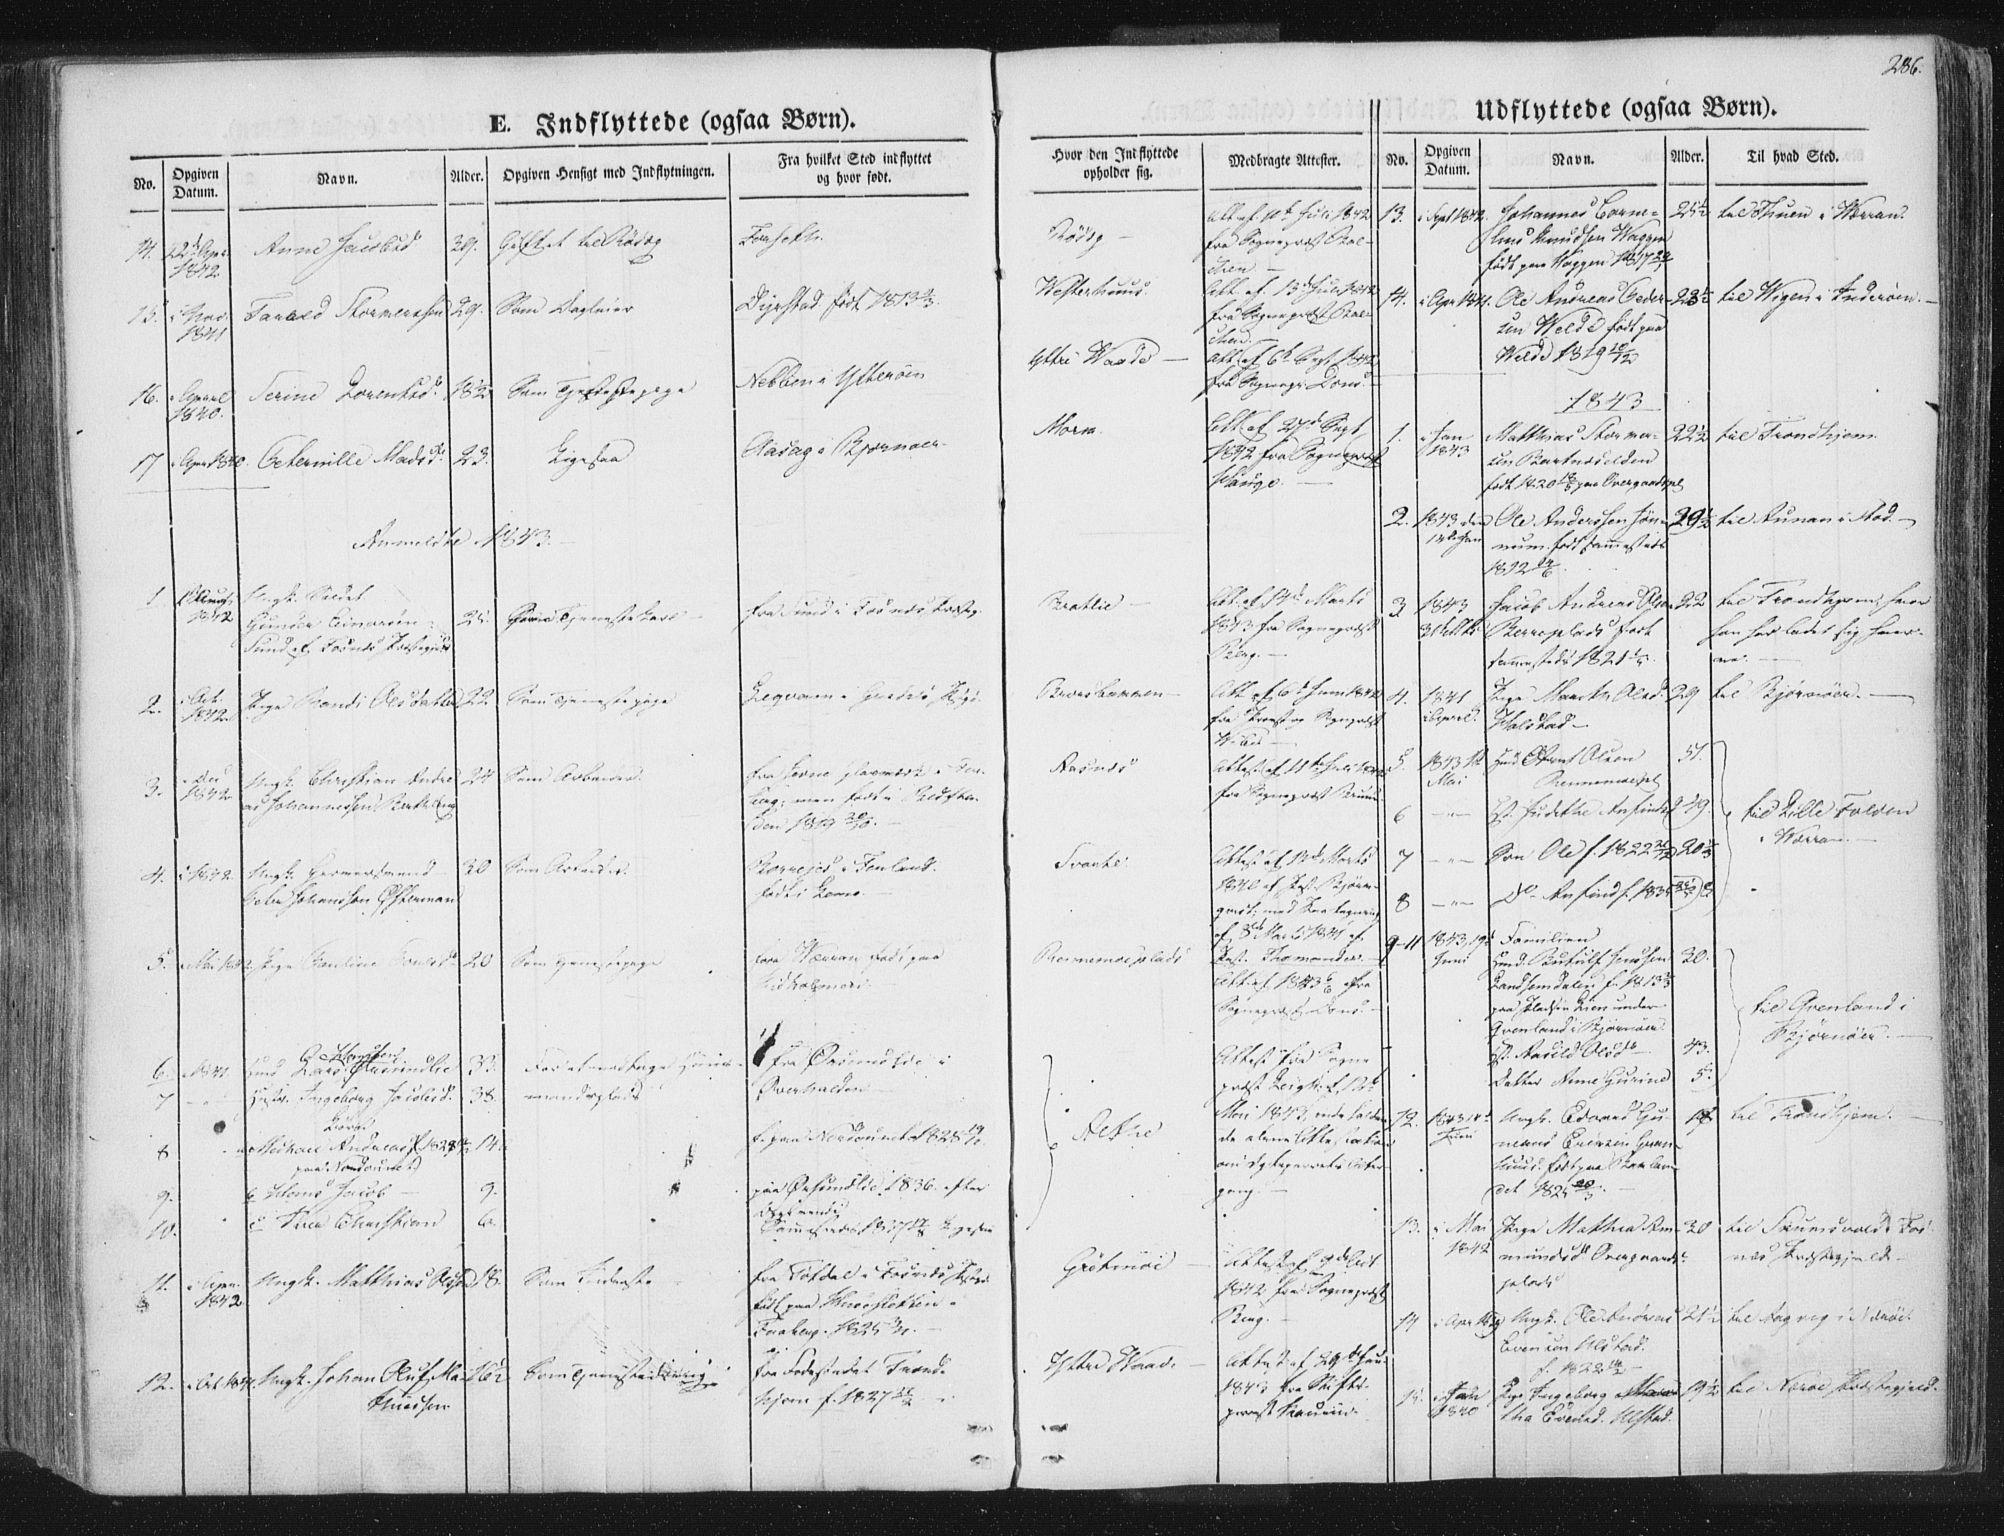 SAT, Ministerialprotokoller, klokkerbøker og fødselsregistre - Nord-Trøndelag, 741/L0392: Ministerialbok nr. 741A06, 1836-1848, s. 286